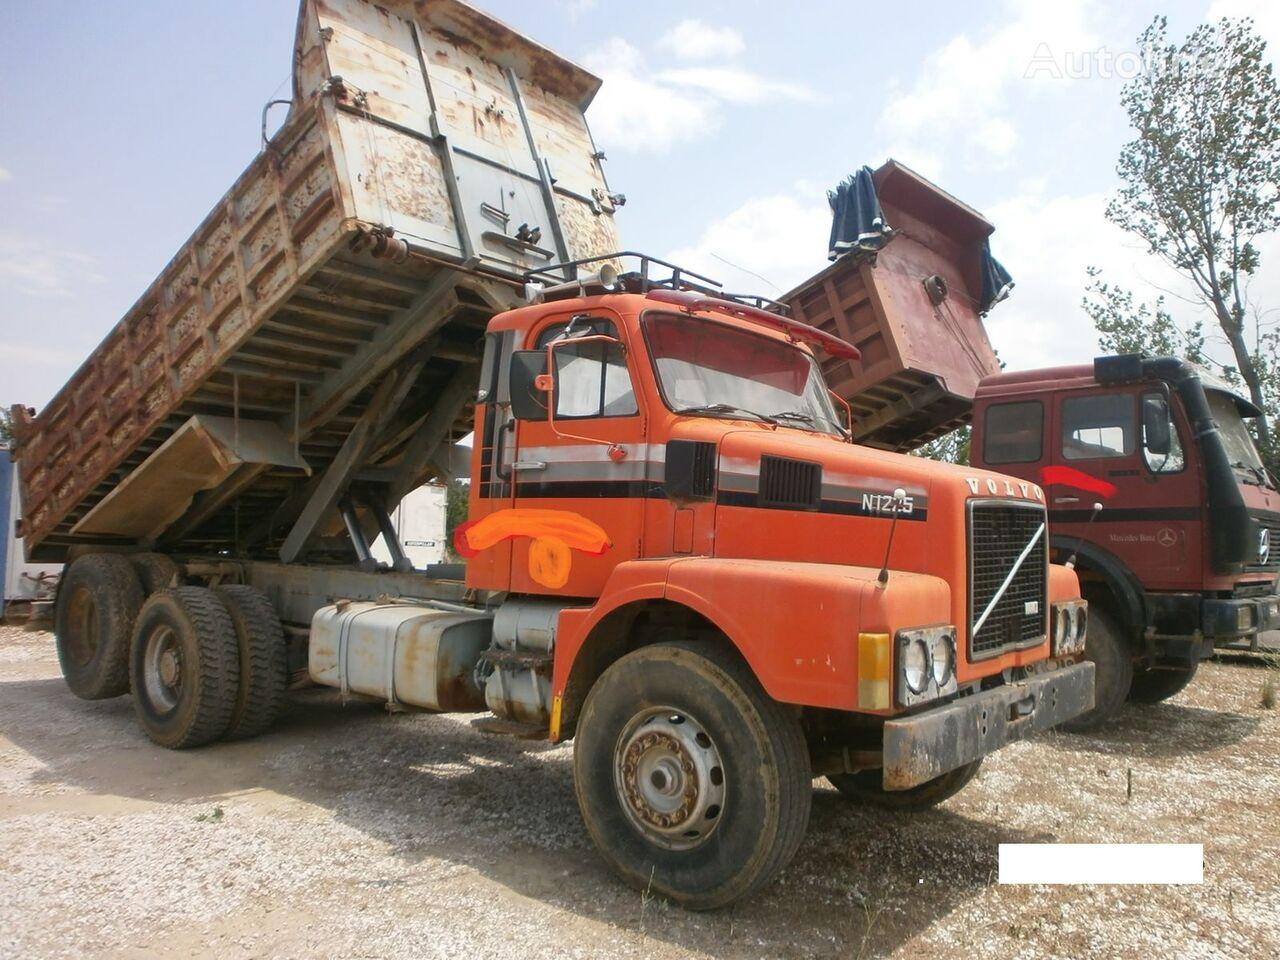 tovornjak prekucnik VOLVO N1225